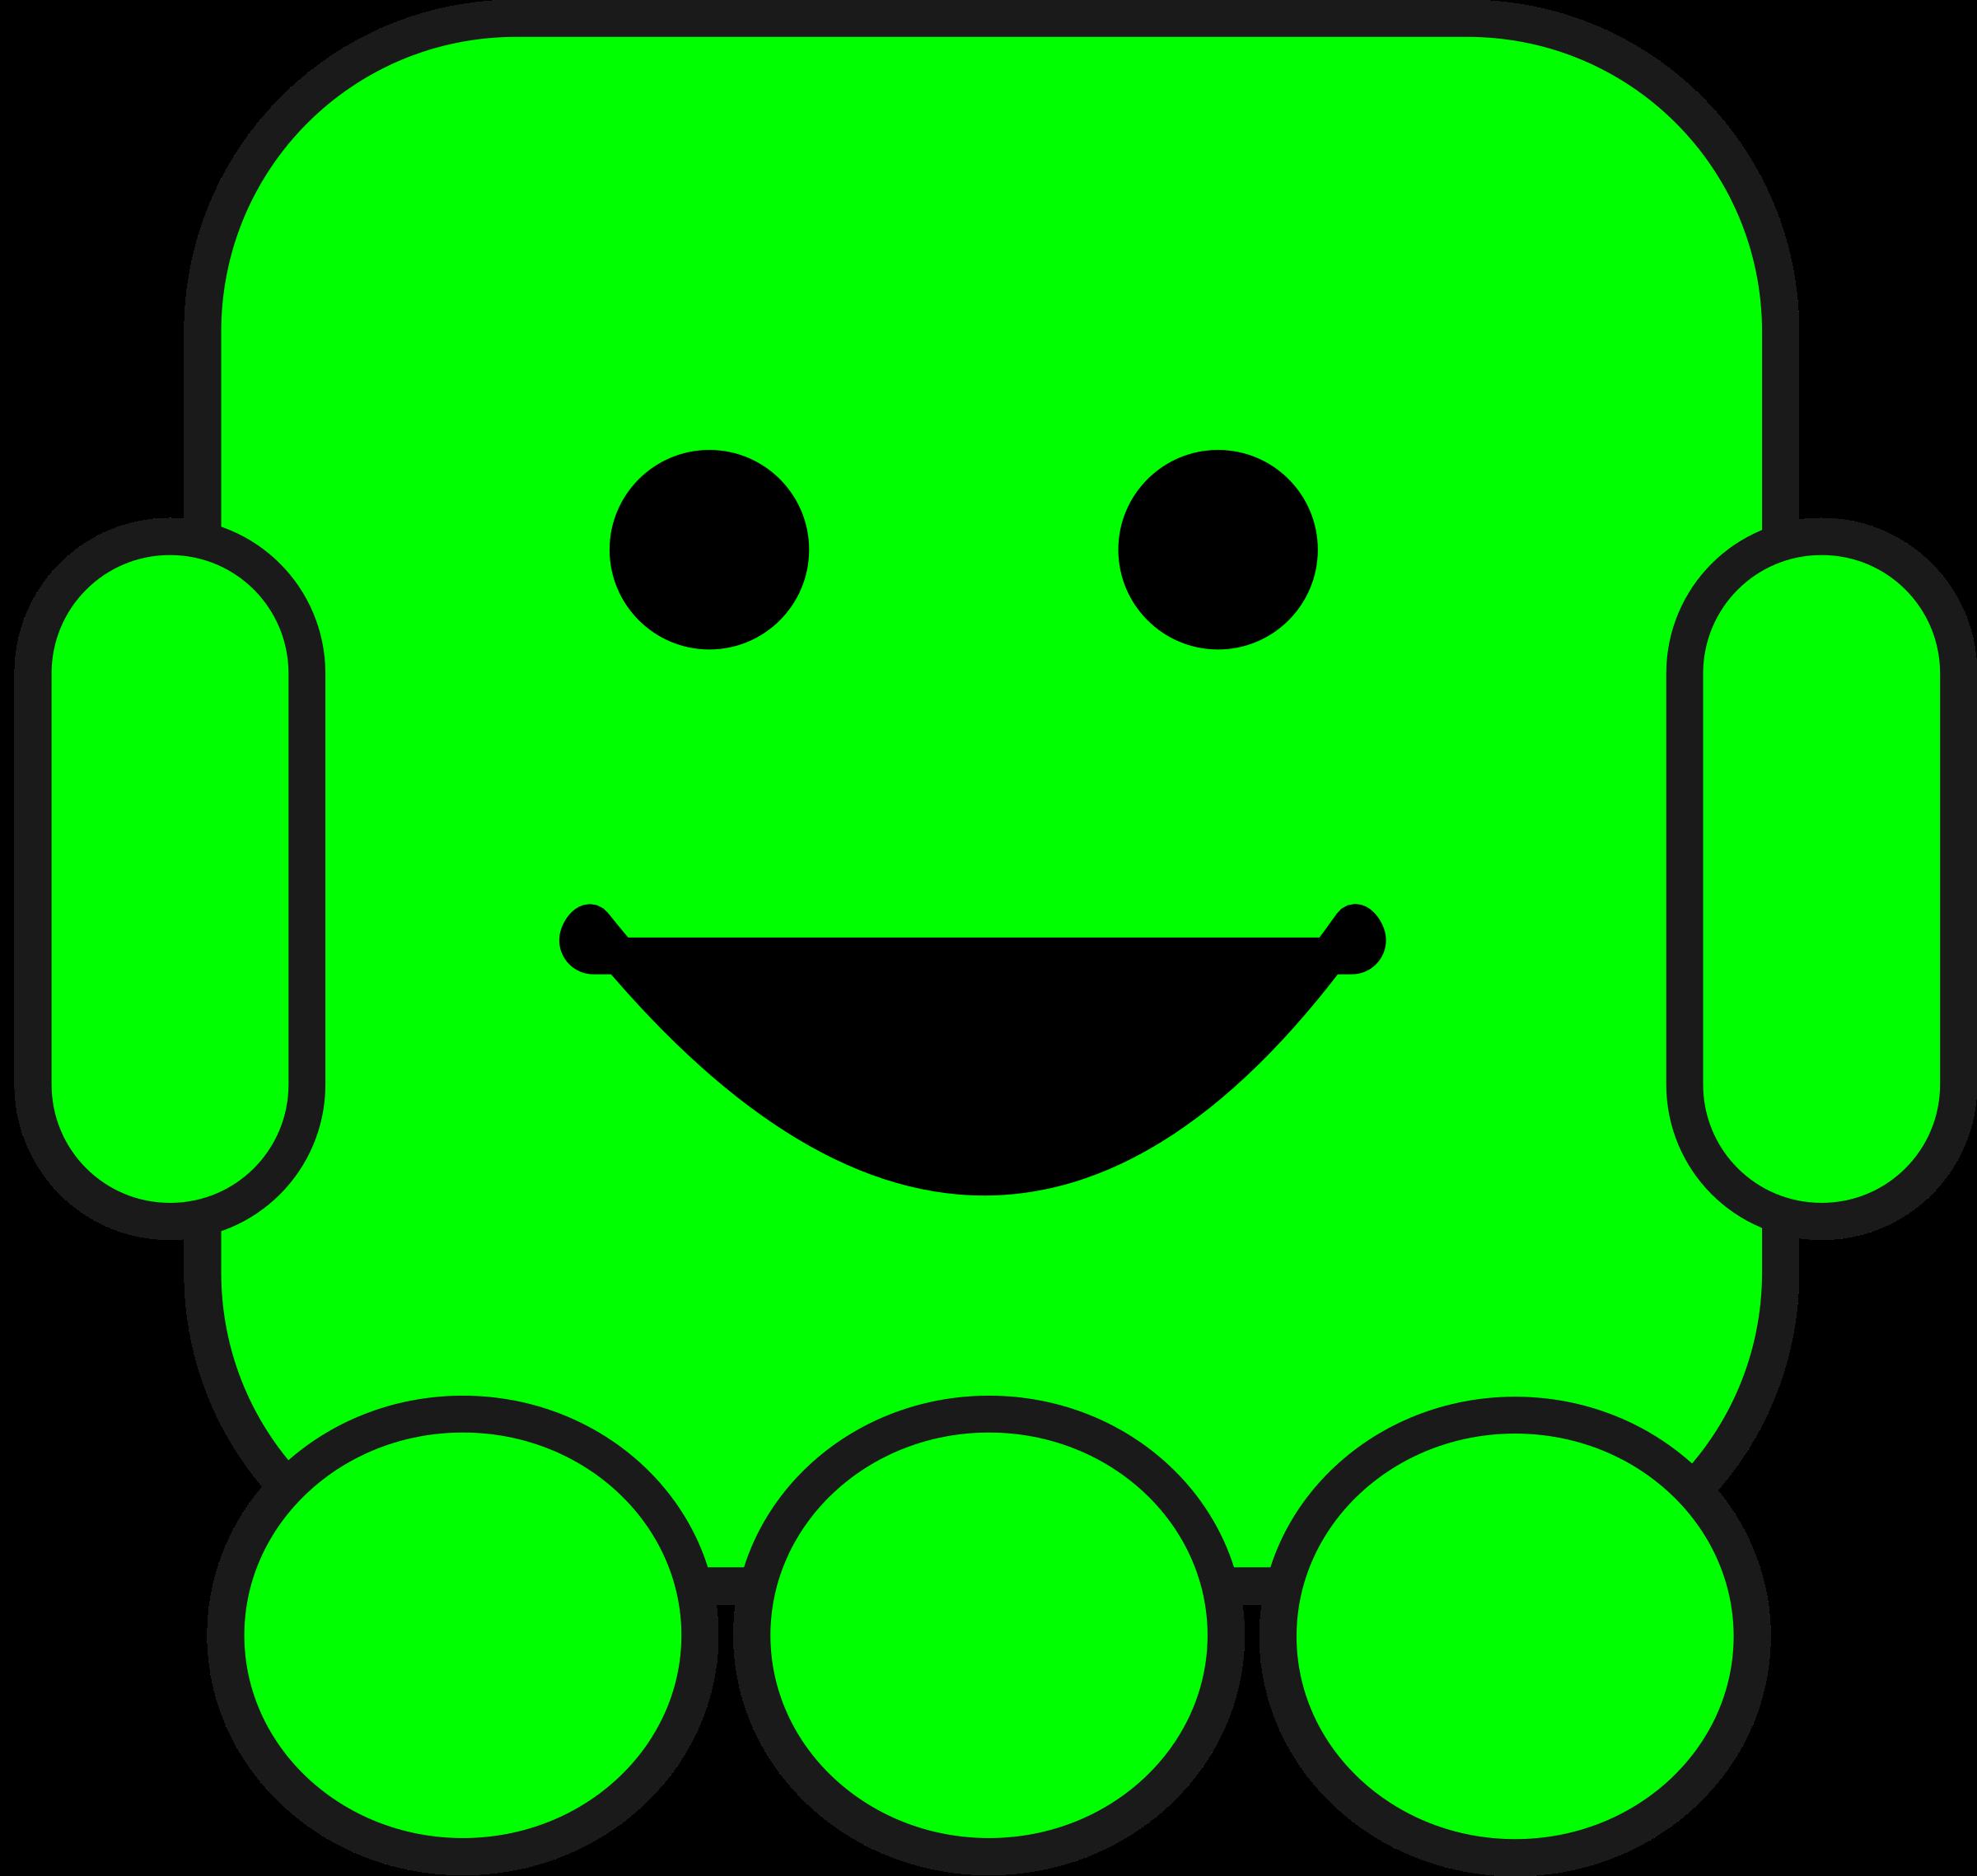 Robot clipart green Friendly Robot Friendly Clipart Robot